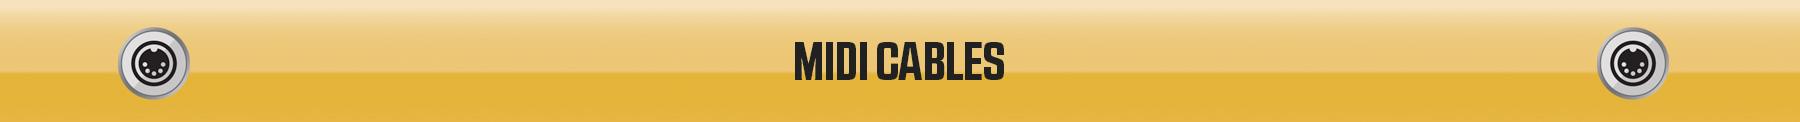 MIDI Cables Livewire